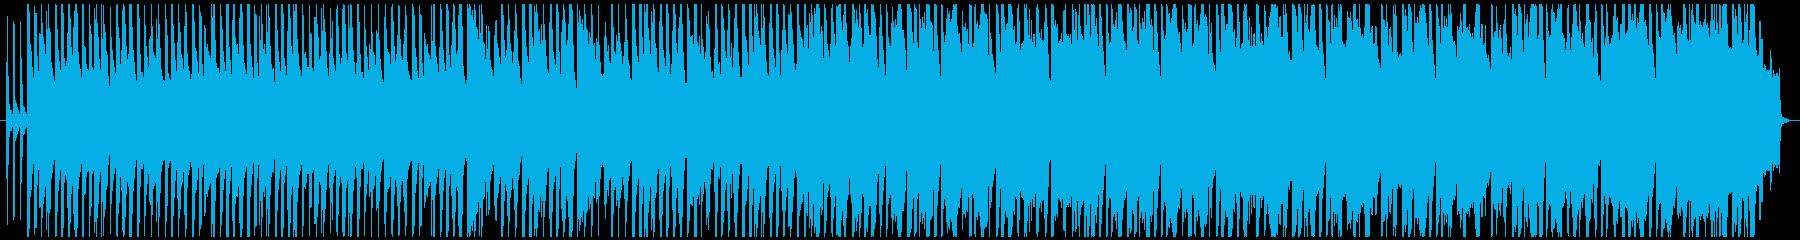 ほのぼの、のんびりとしたカントリー調の曲の再生済みの波形